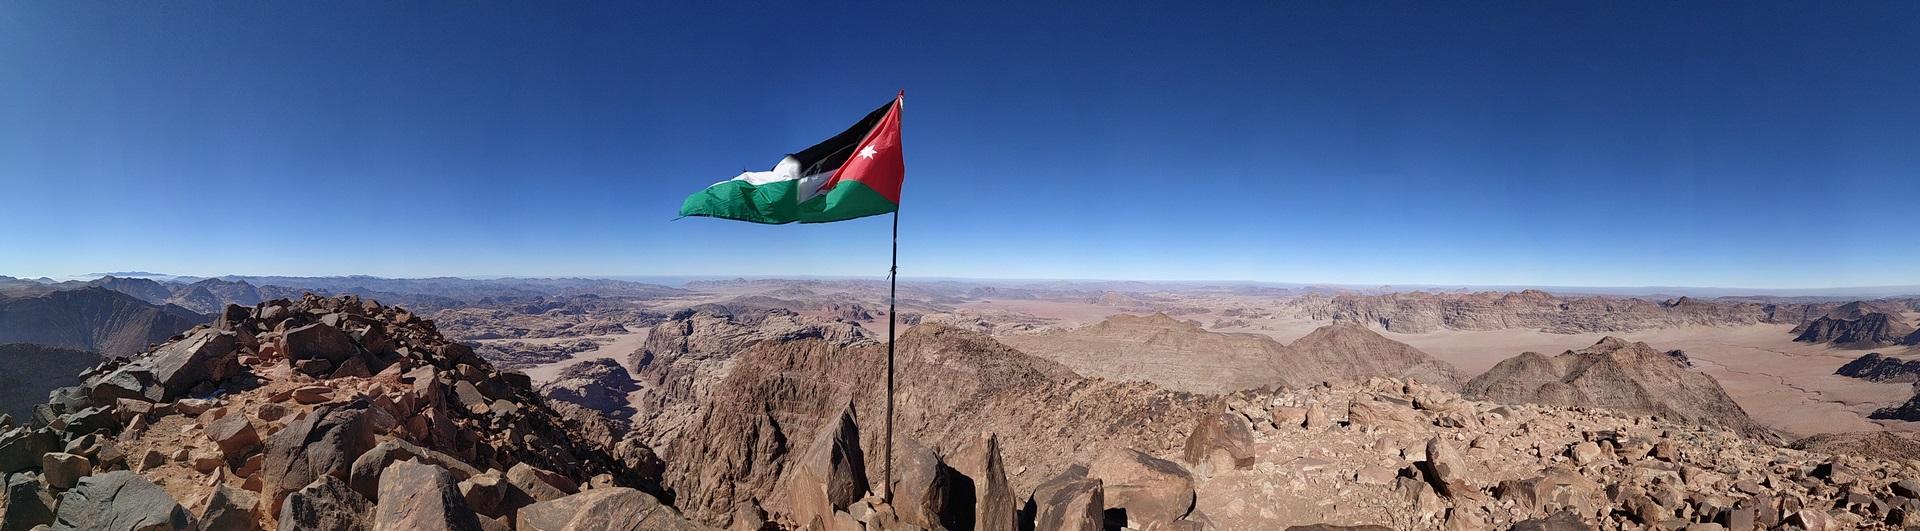 Jabal Umm Ad Dami